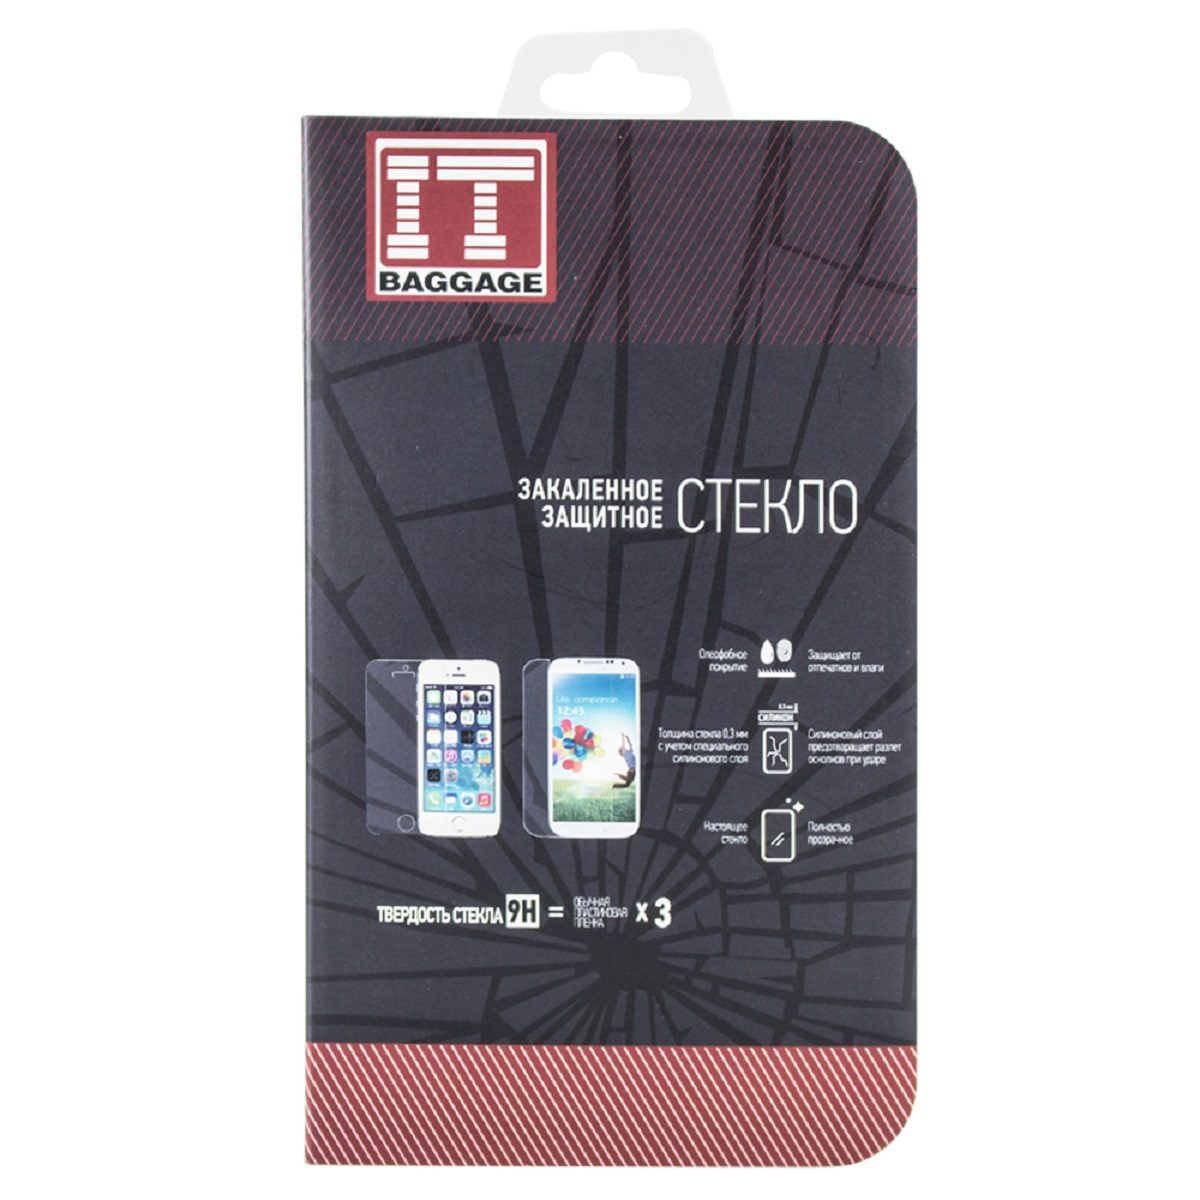 IT Baggage защитное стекло для Lenovo VIBE S1ITLNVBS1GЗакаленное стекло IT Baggage для Lenovo VIBE S1 - это самый верный способ защитить экран от повреждений и загрязнений. Обладает высочайшим уровнем прозрачности и совершенно не влияет на отклик экранного сенсора и качество изображения. Препятствует появлению отпечатков и пятен. Удалить следы жира и косметики с поверхности аксессуара не составить ни какого труда.Характеристики защитного стекла делают его износостойким к таким механическим повреждениям, как царапины, сколы, потертости. При сильном ударе разбившееся стекло не разлетается на осколки, предохраняя вас от порезов, а экран устройства от повреждений.После снятия защитного стекла с поверхности дисплея, на нем не остаются повреждения, такие как потертости и царапины.